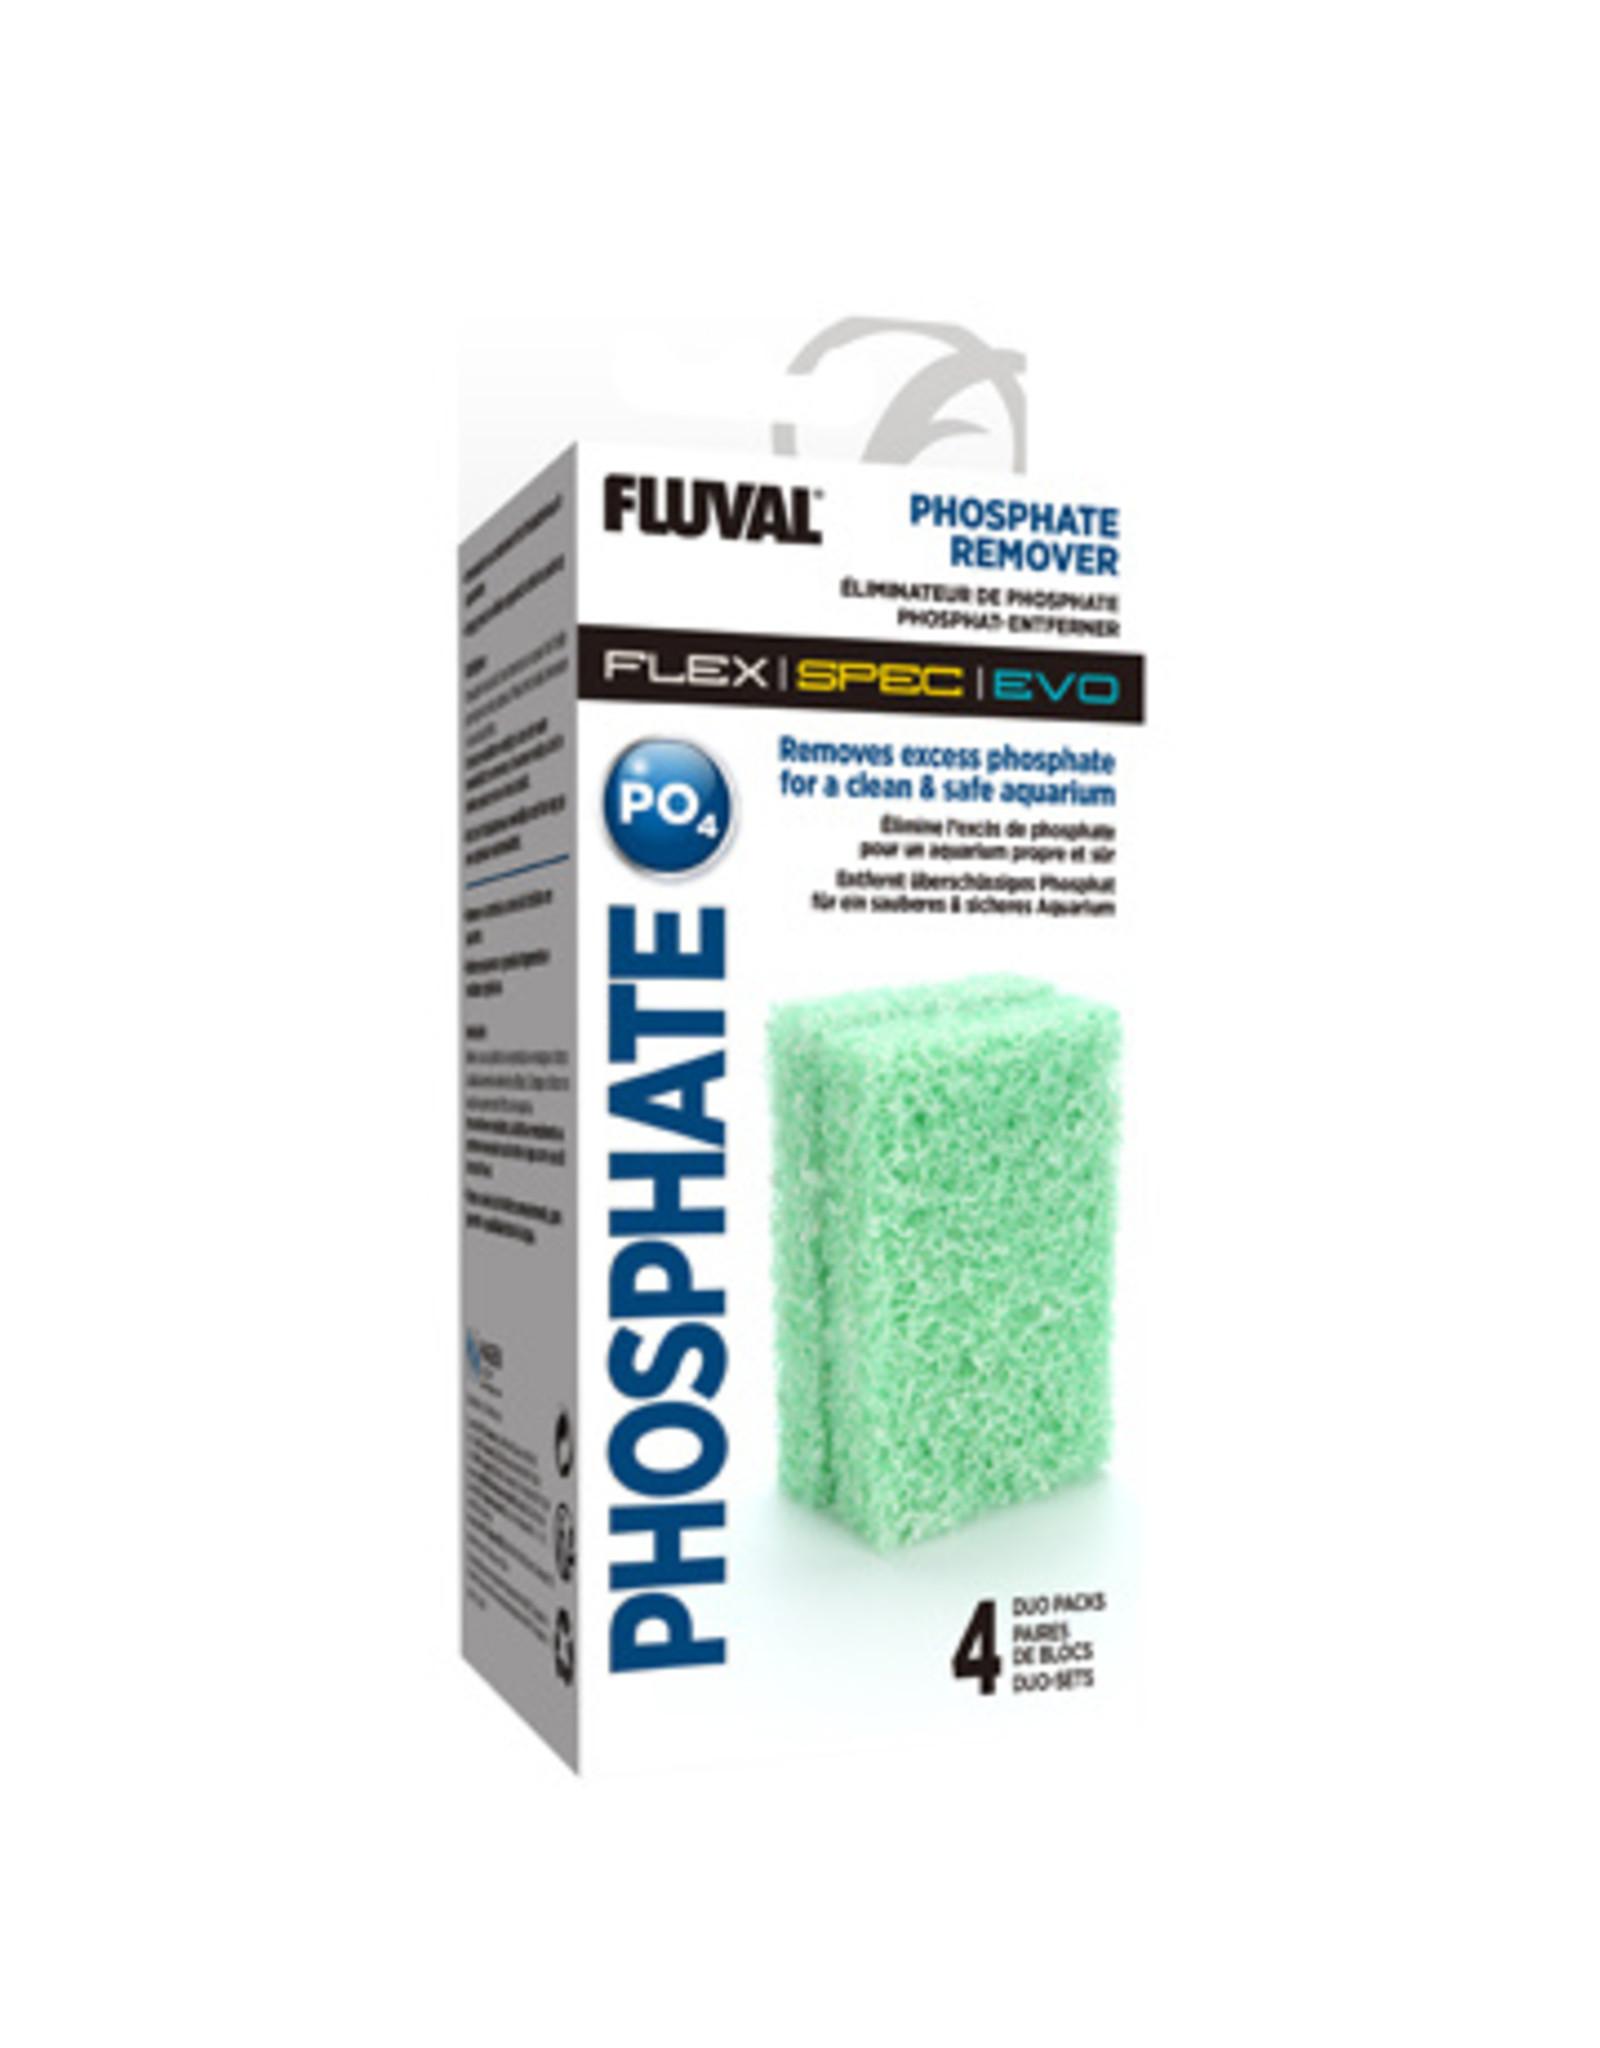 Fluval FLUVAL Phosphate Remover refill for Flex/Spec/Evo 4 x Duo Pack